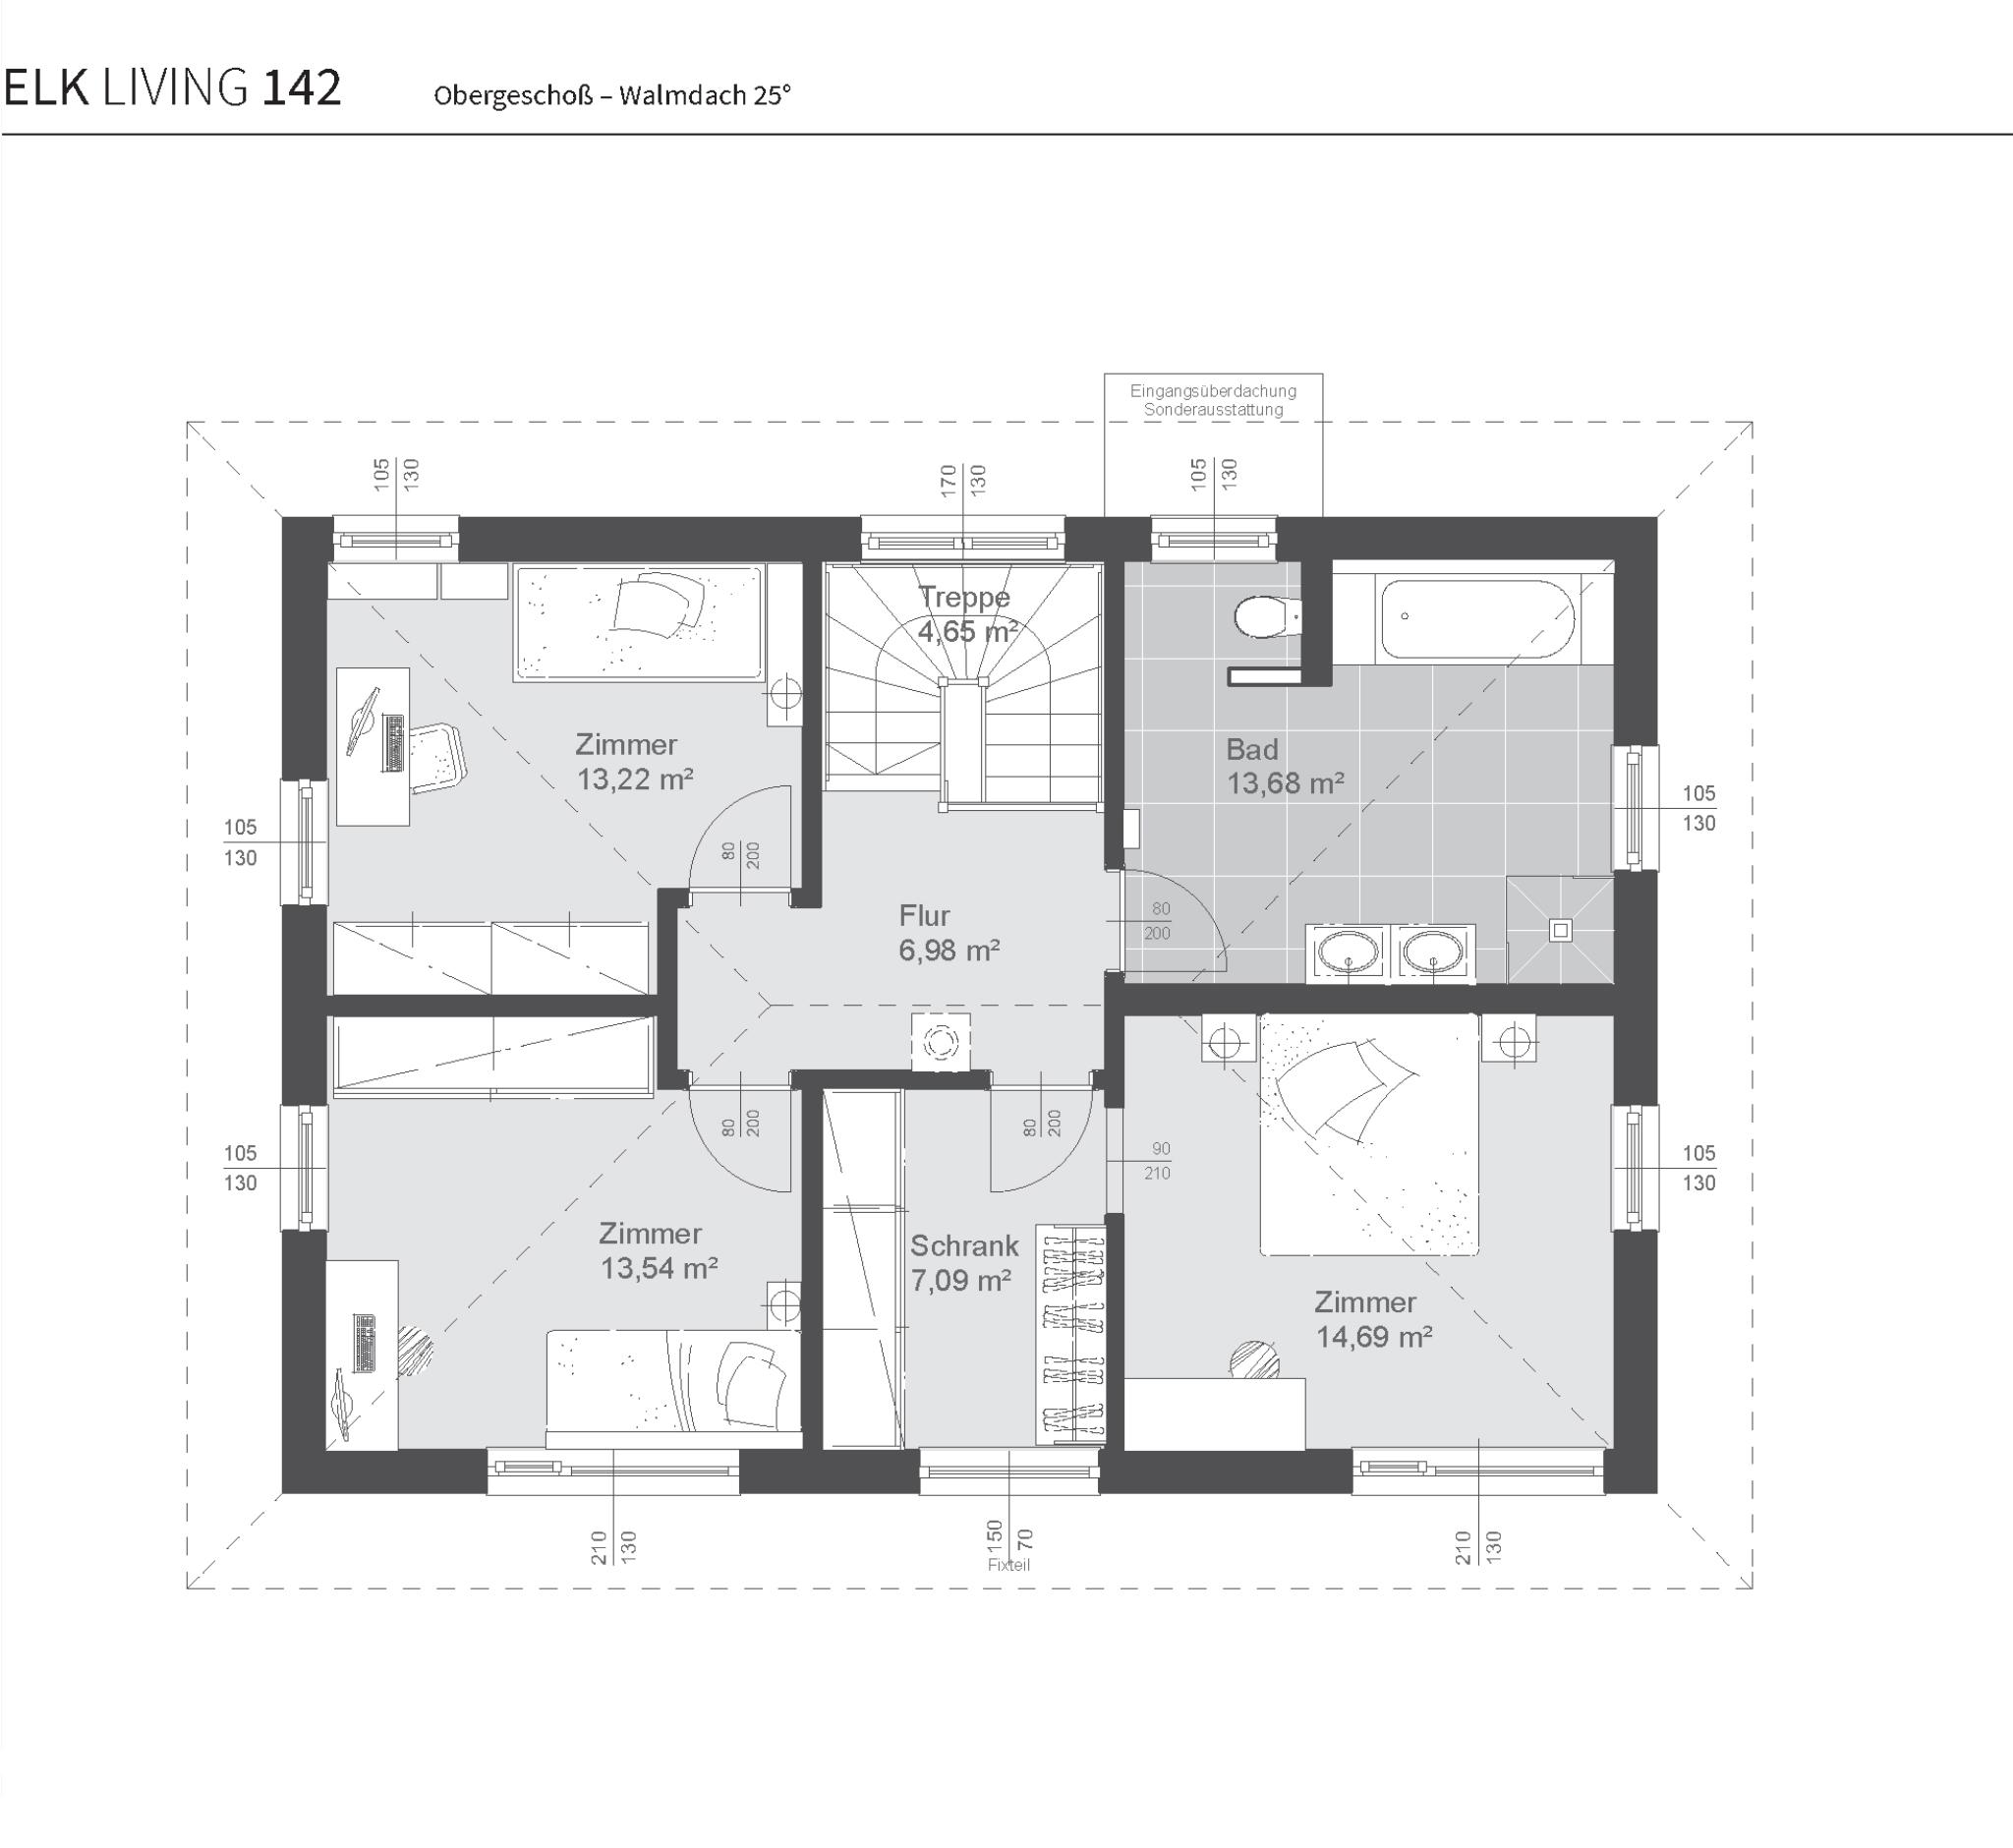 grundriss-fertighaus-elk-living-142-obergeschoss-walmdach25_1